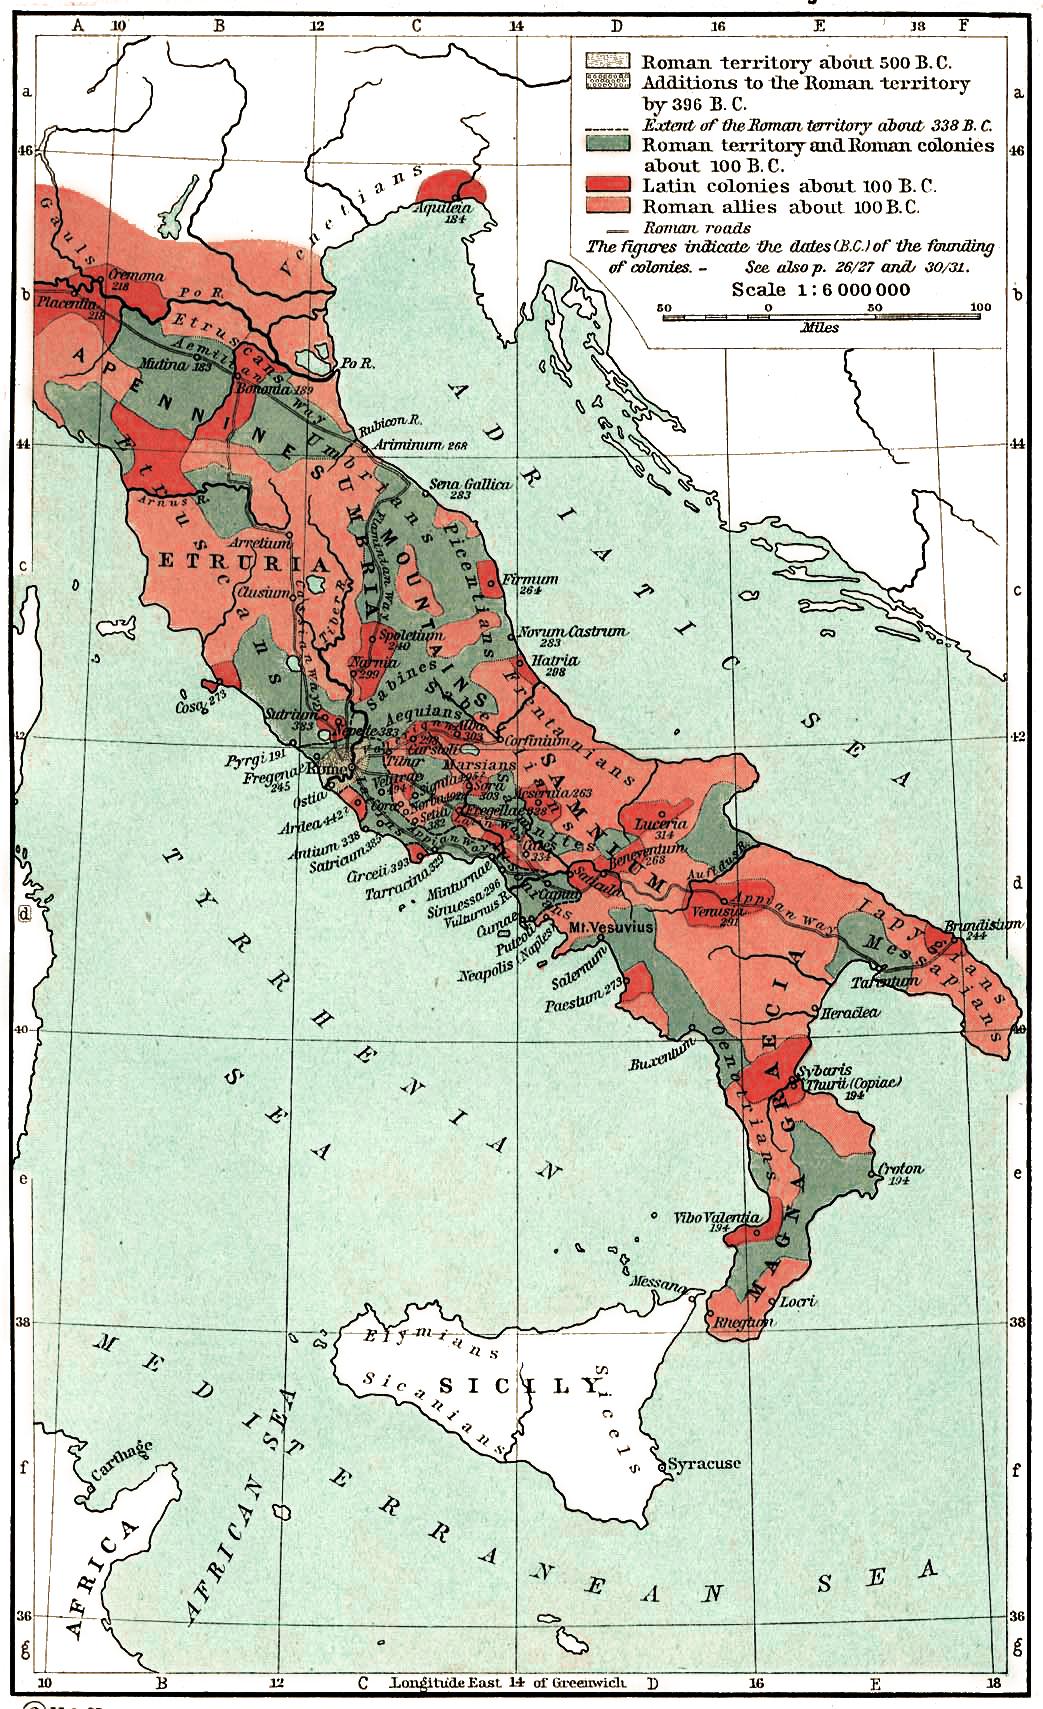 Územní rozložení spojenců Říma